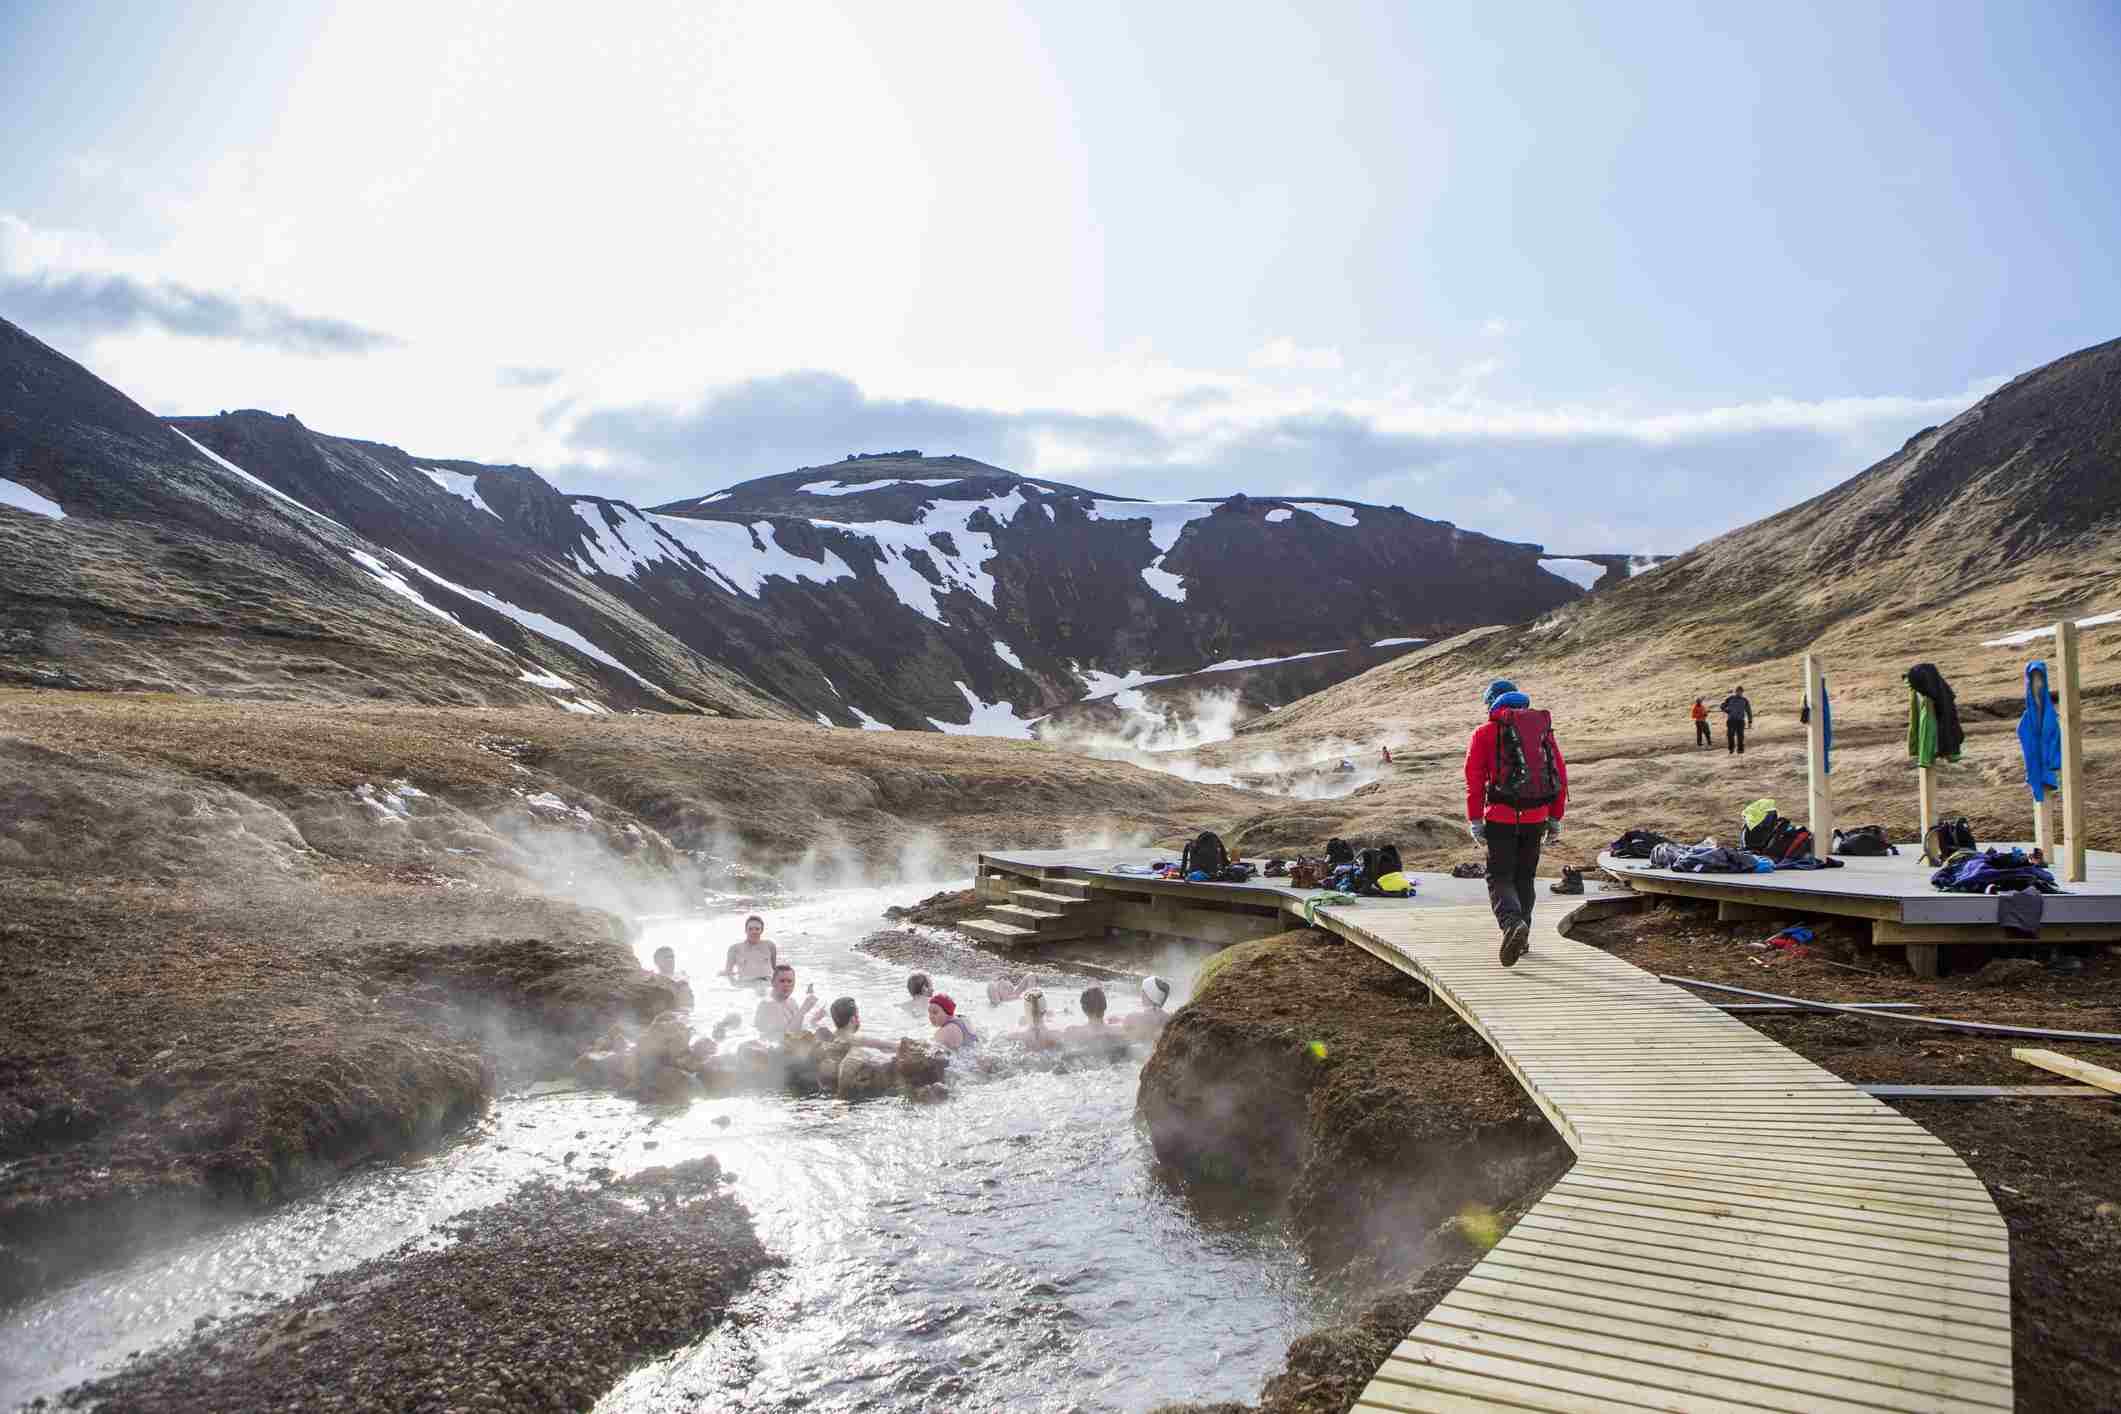 Bathing in thermal hot springs in Iceland